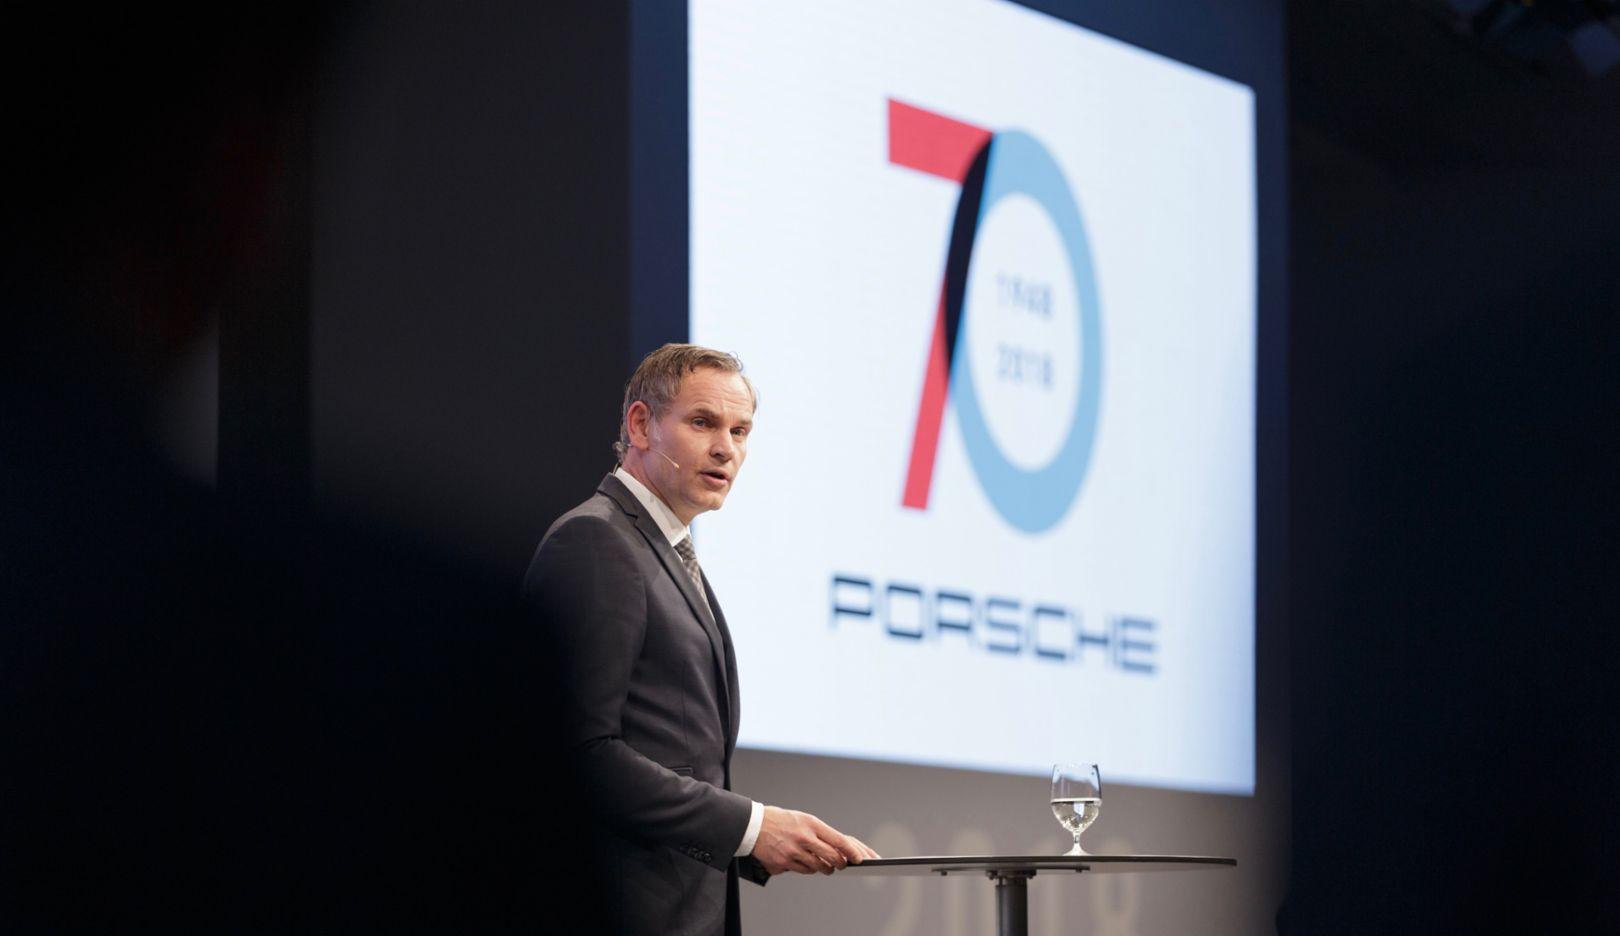 Oliver Blume, Vorstandsvorsitzender der Porsche AG, Neujahrsempfang, Porsche Museum, 2018, Porsche AG